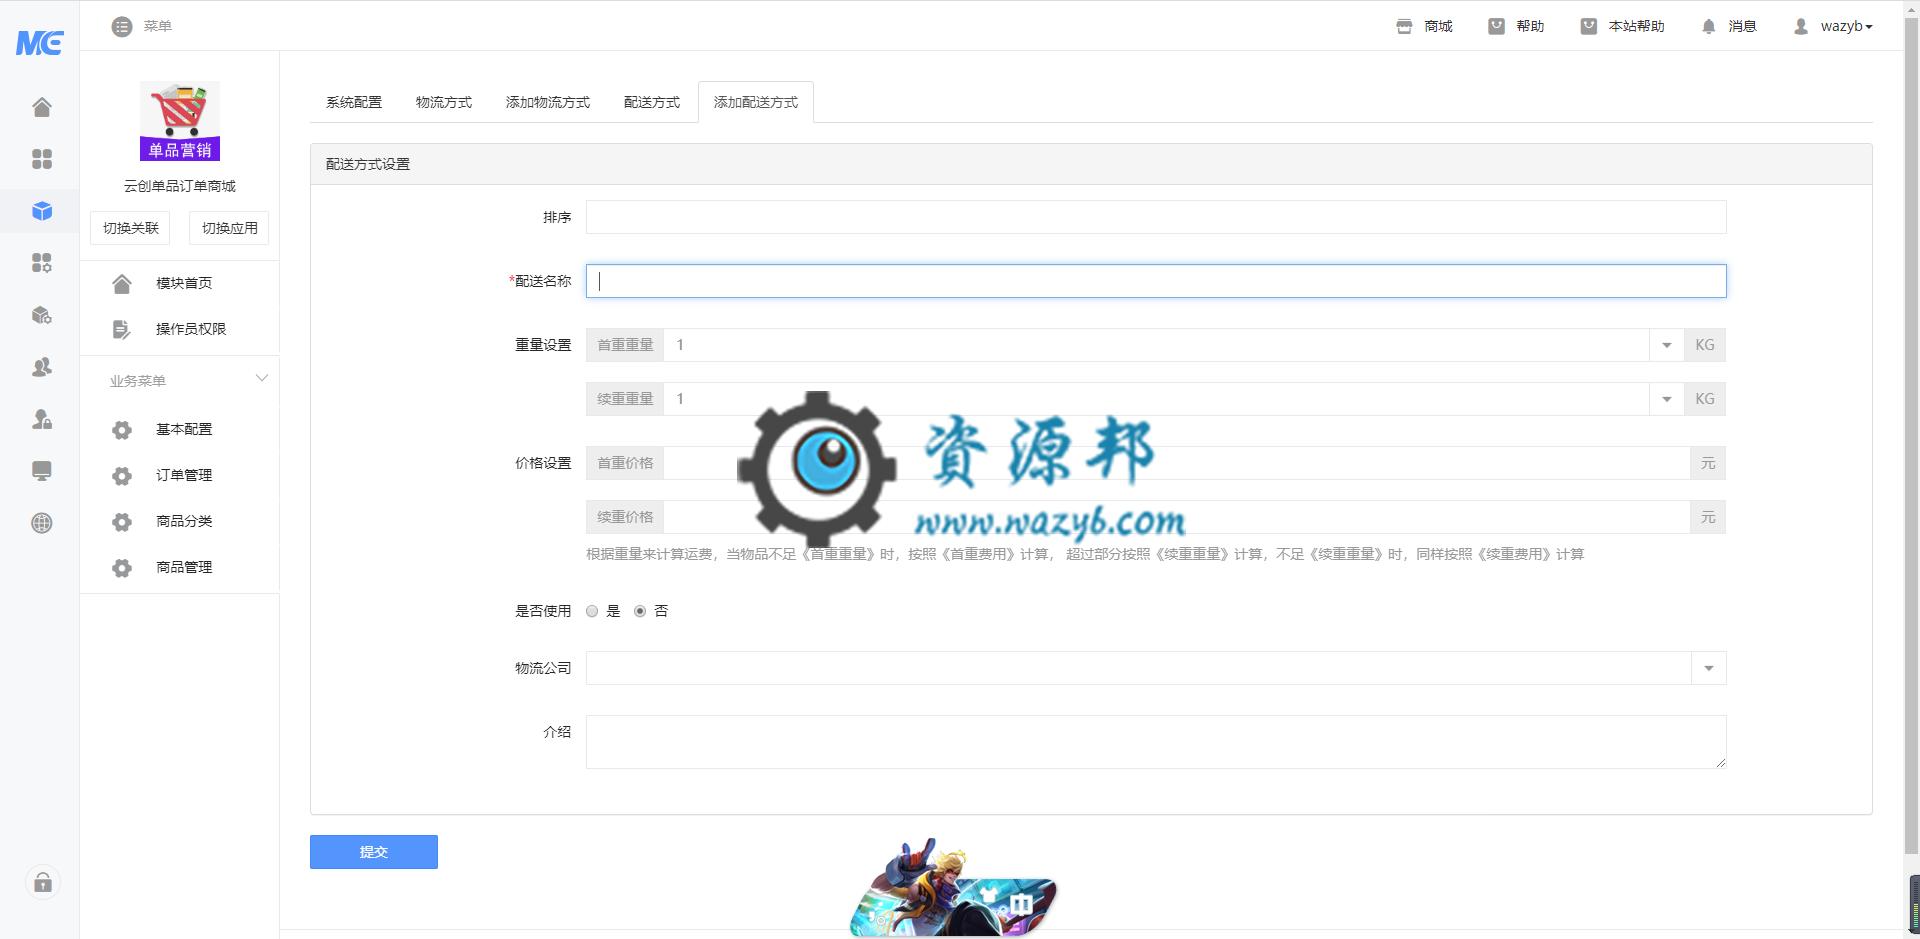 【公众号应用】云创单品订单商城V1.0.15正版源码打包,增加后台上传视频注释 公众号应用 第3张